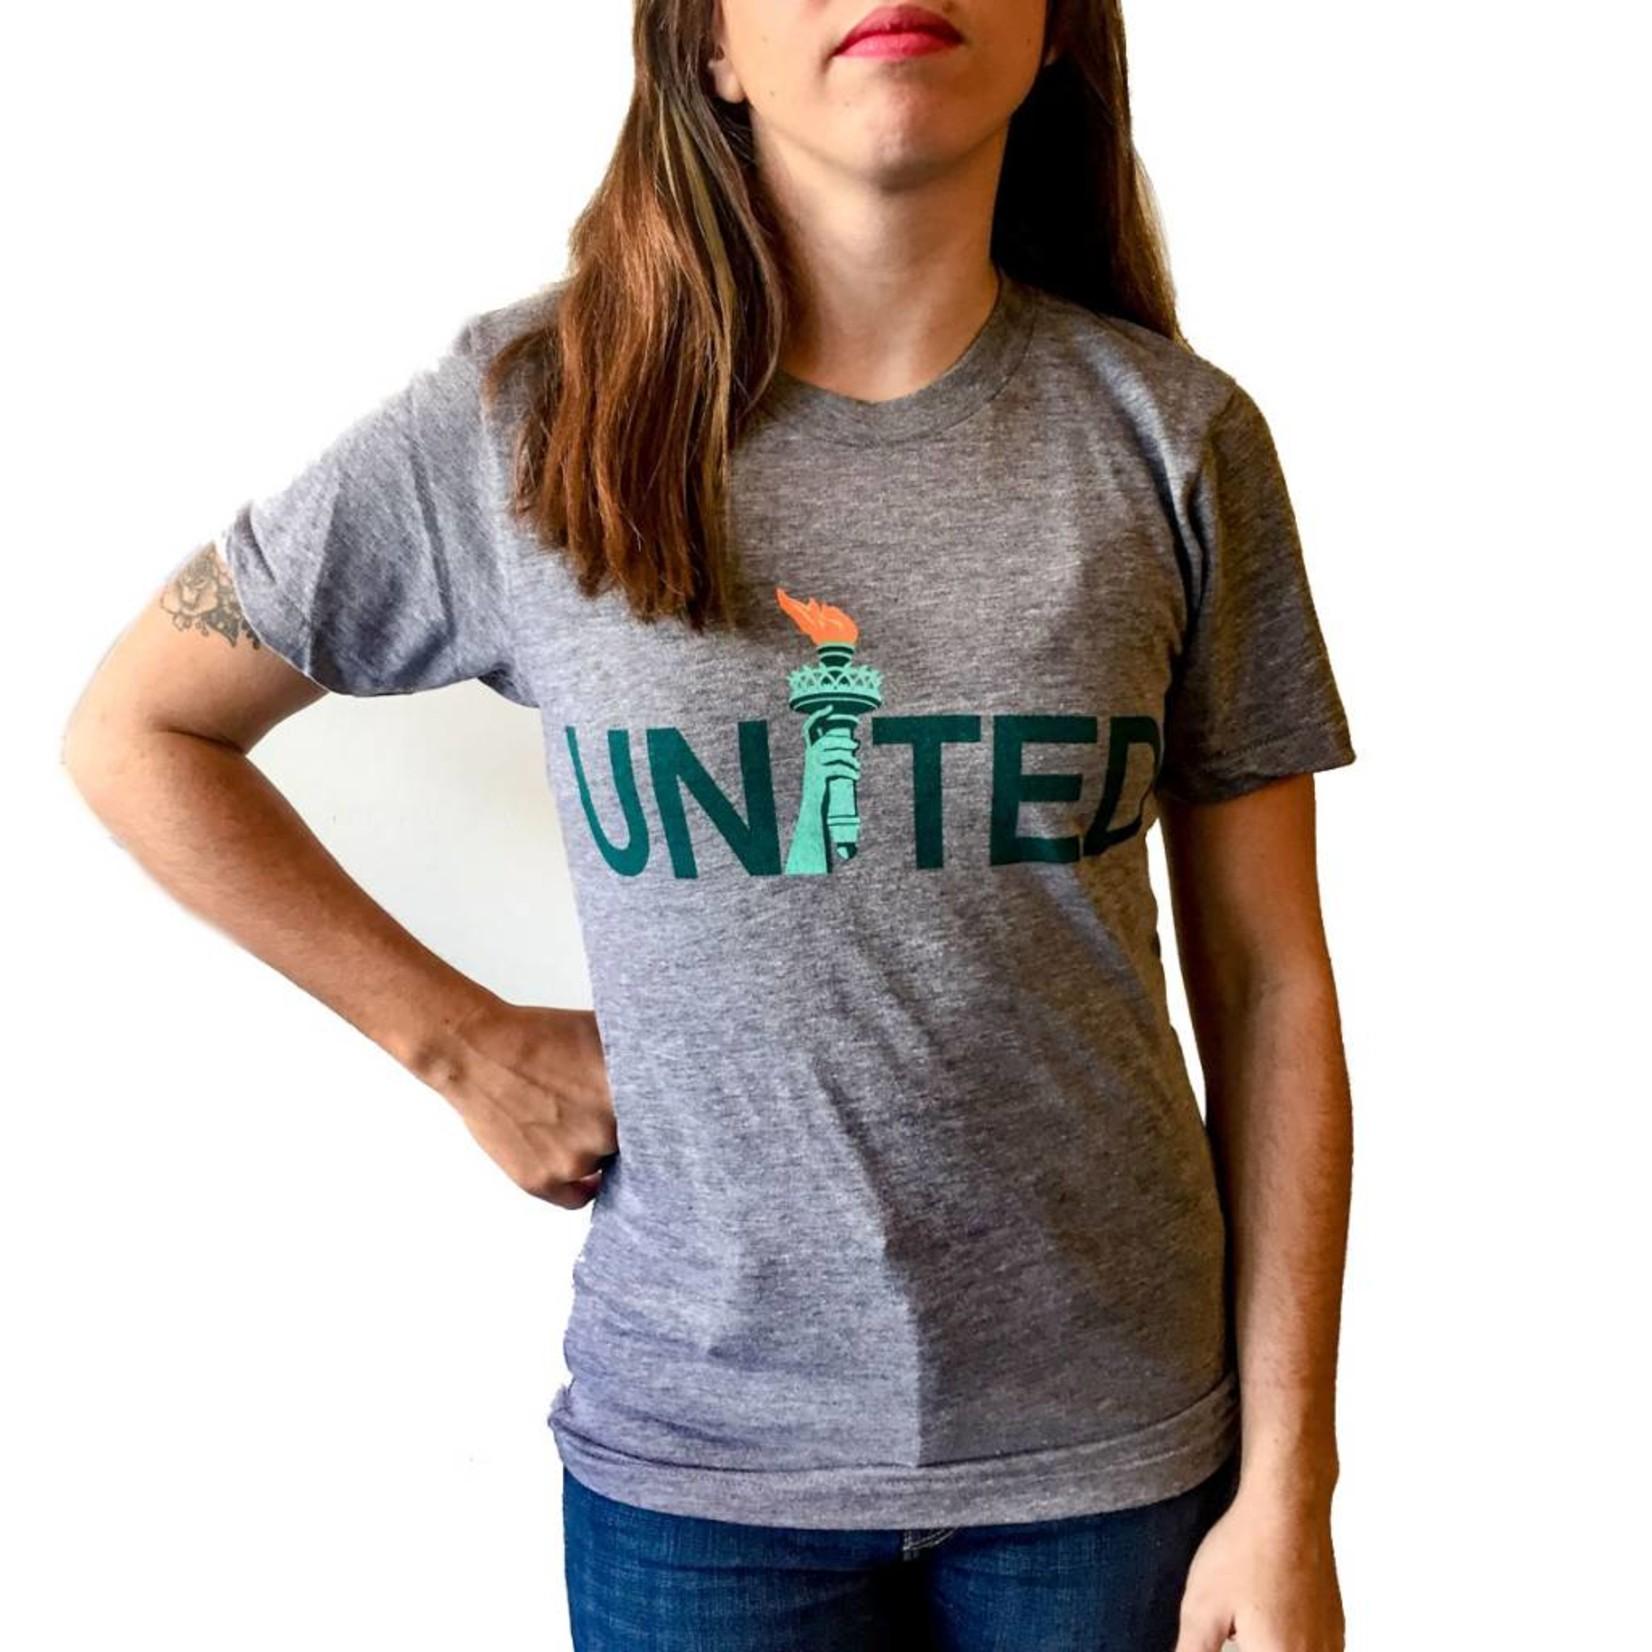 Originalitees United Torch Tee (Unisex)